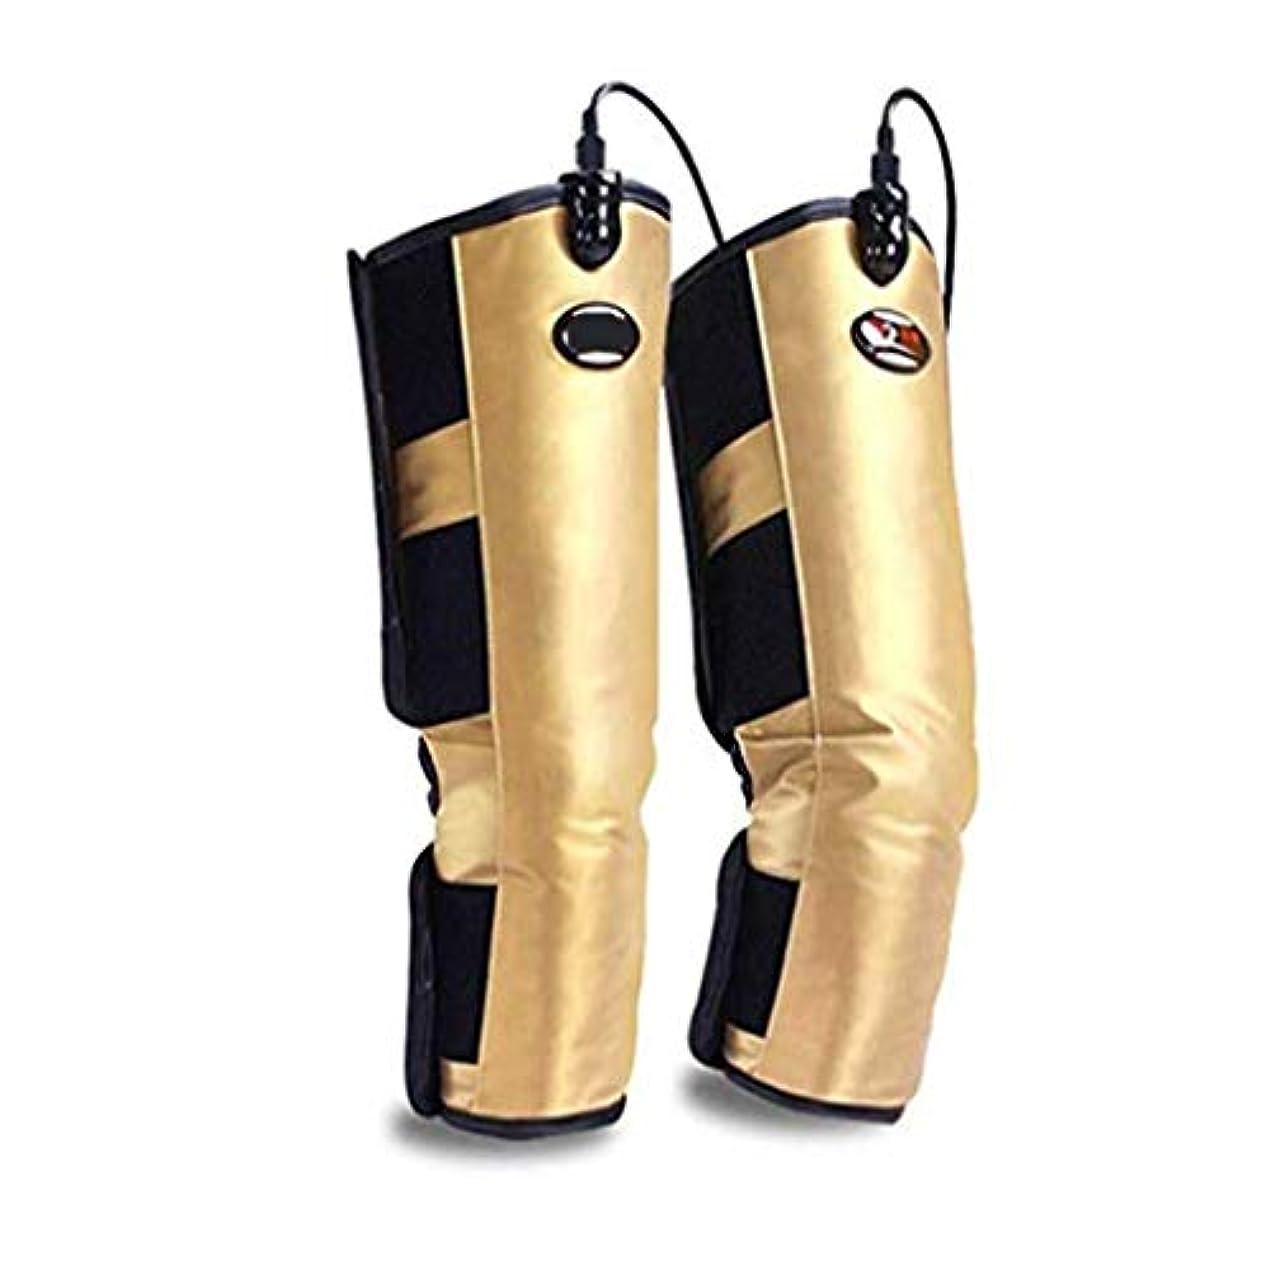 拡張かみそりショット膝レギンス用電気加熱パッド、膝ブレースラップサポート、脚循環用、膝捻挫痙攣関節炎の痛み